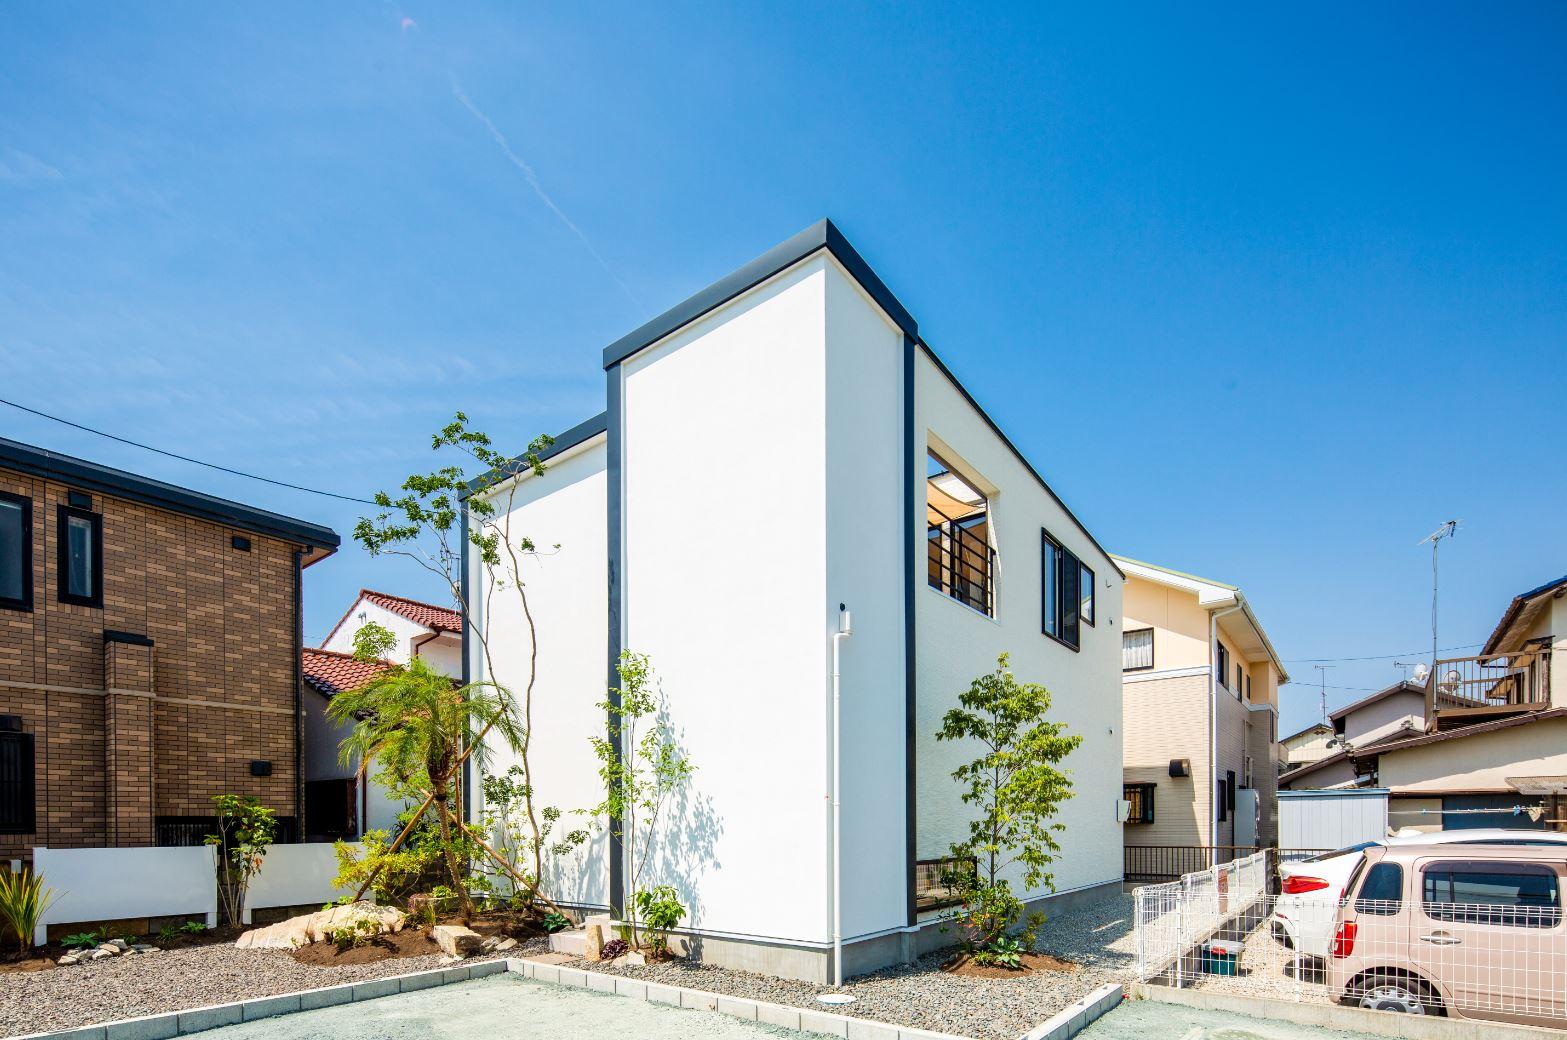 スタイルカーサ【浜松市中区飯田町・モデルハウス】閉鎖的な外観デザインと開放的な室内とのギャップがおもしろい